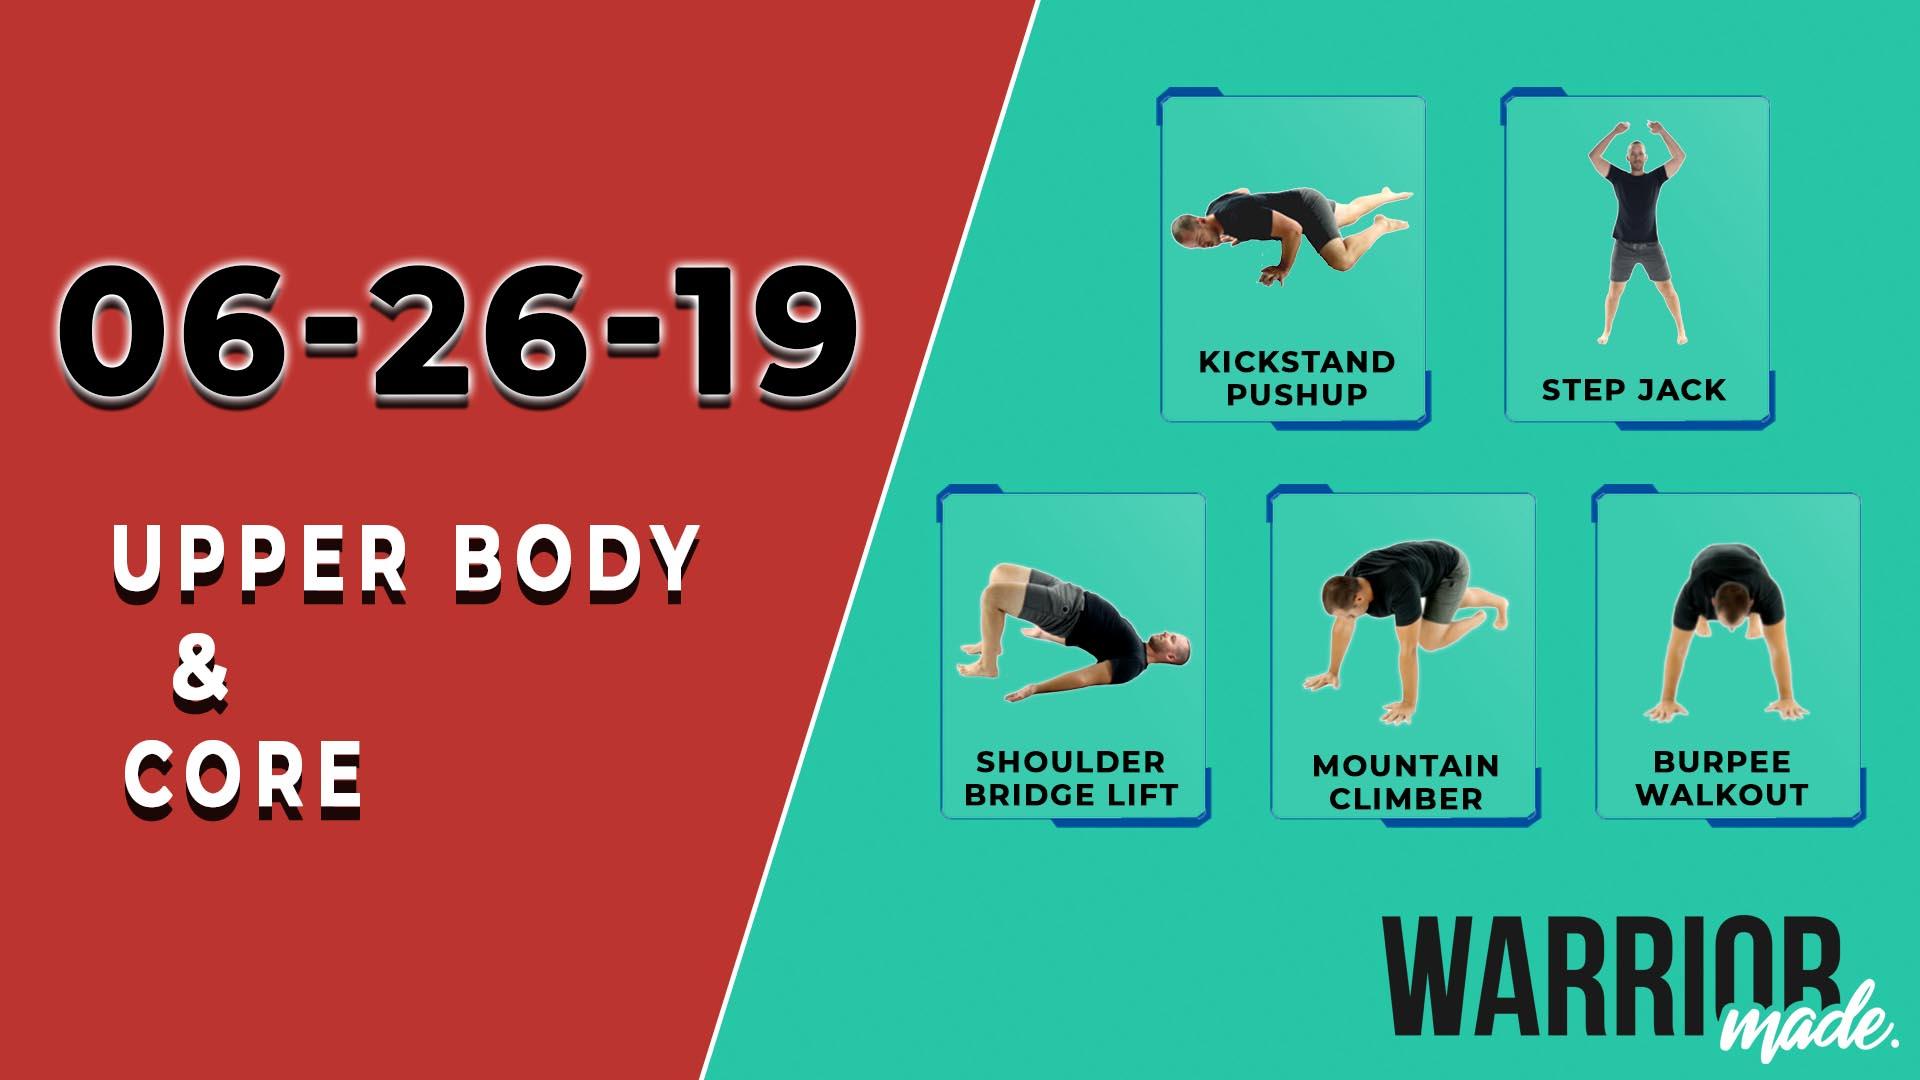 workouts-06-26-19